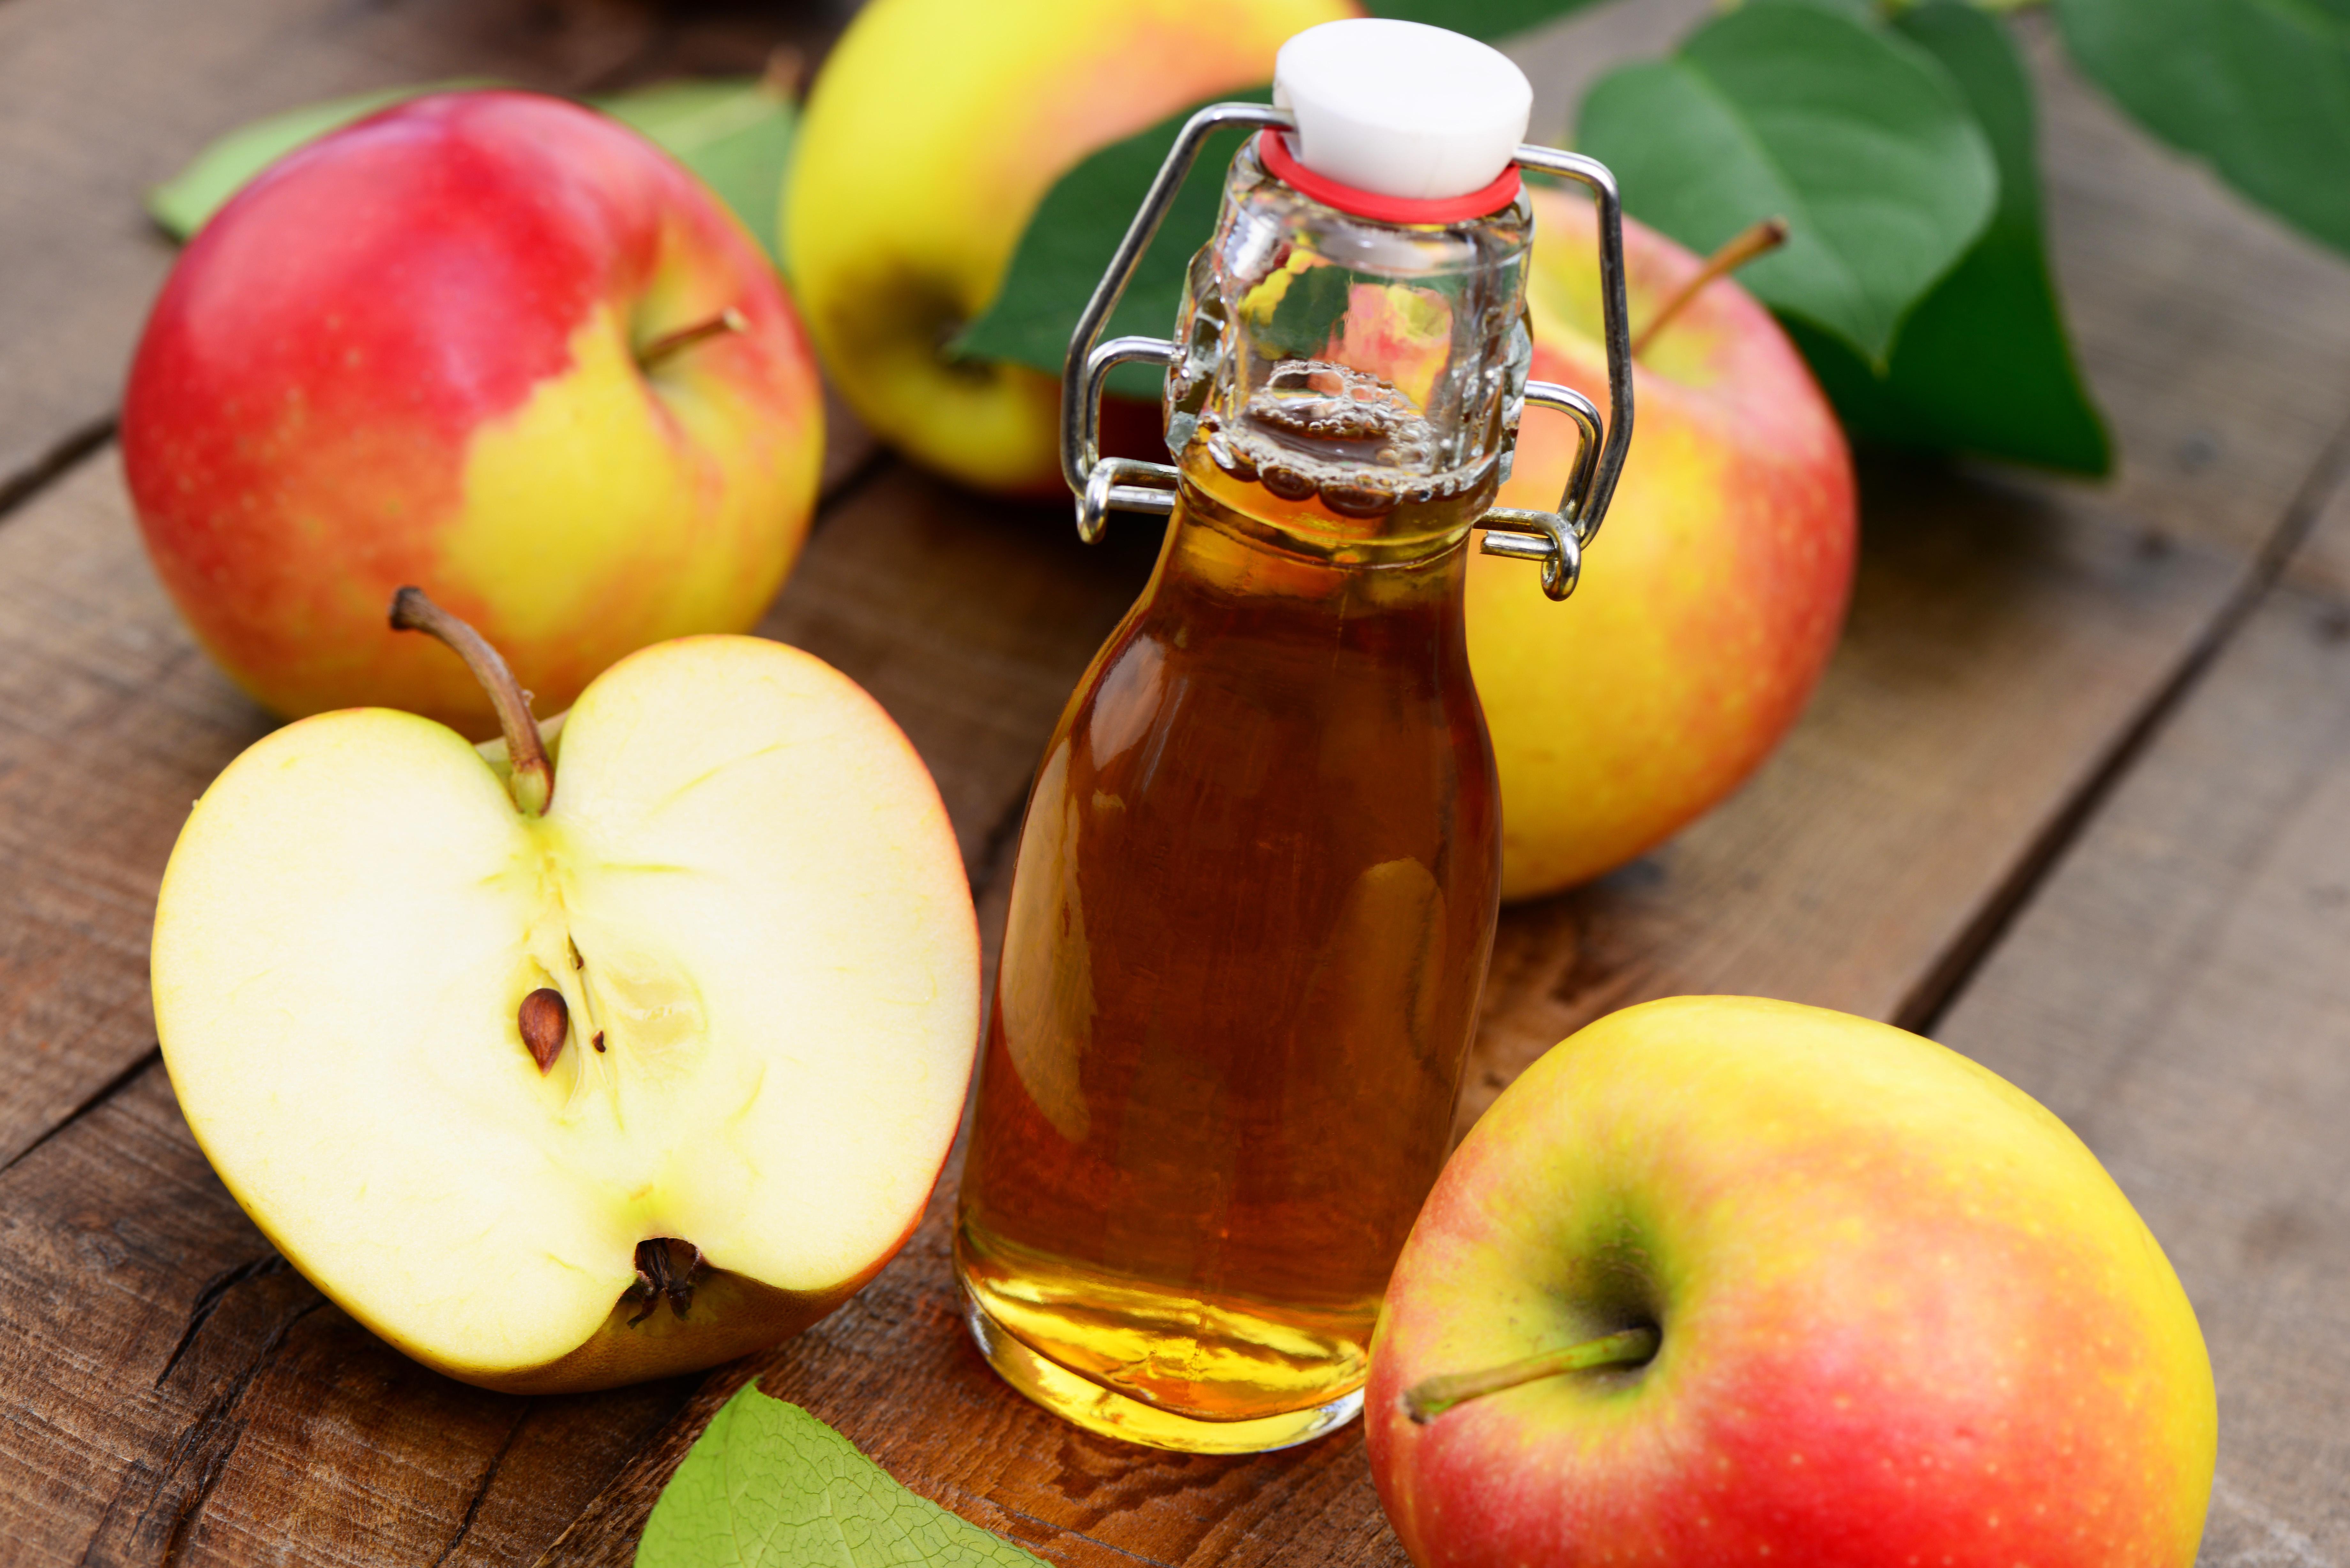 كيف أستعمل خل التفاح للتنحيف 9